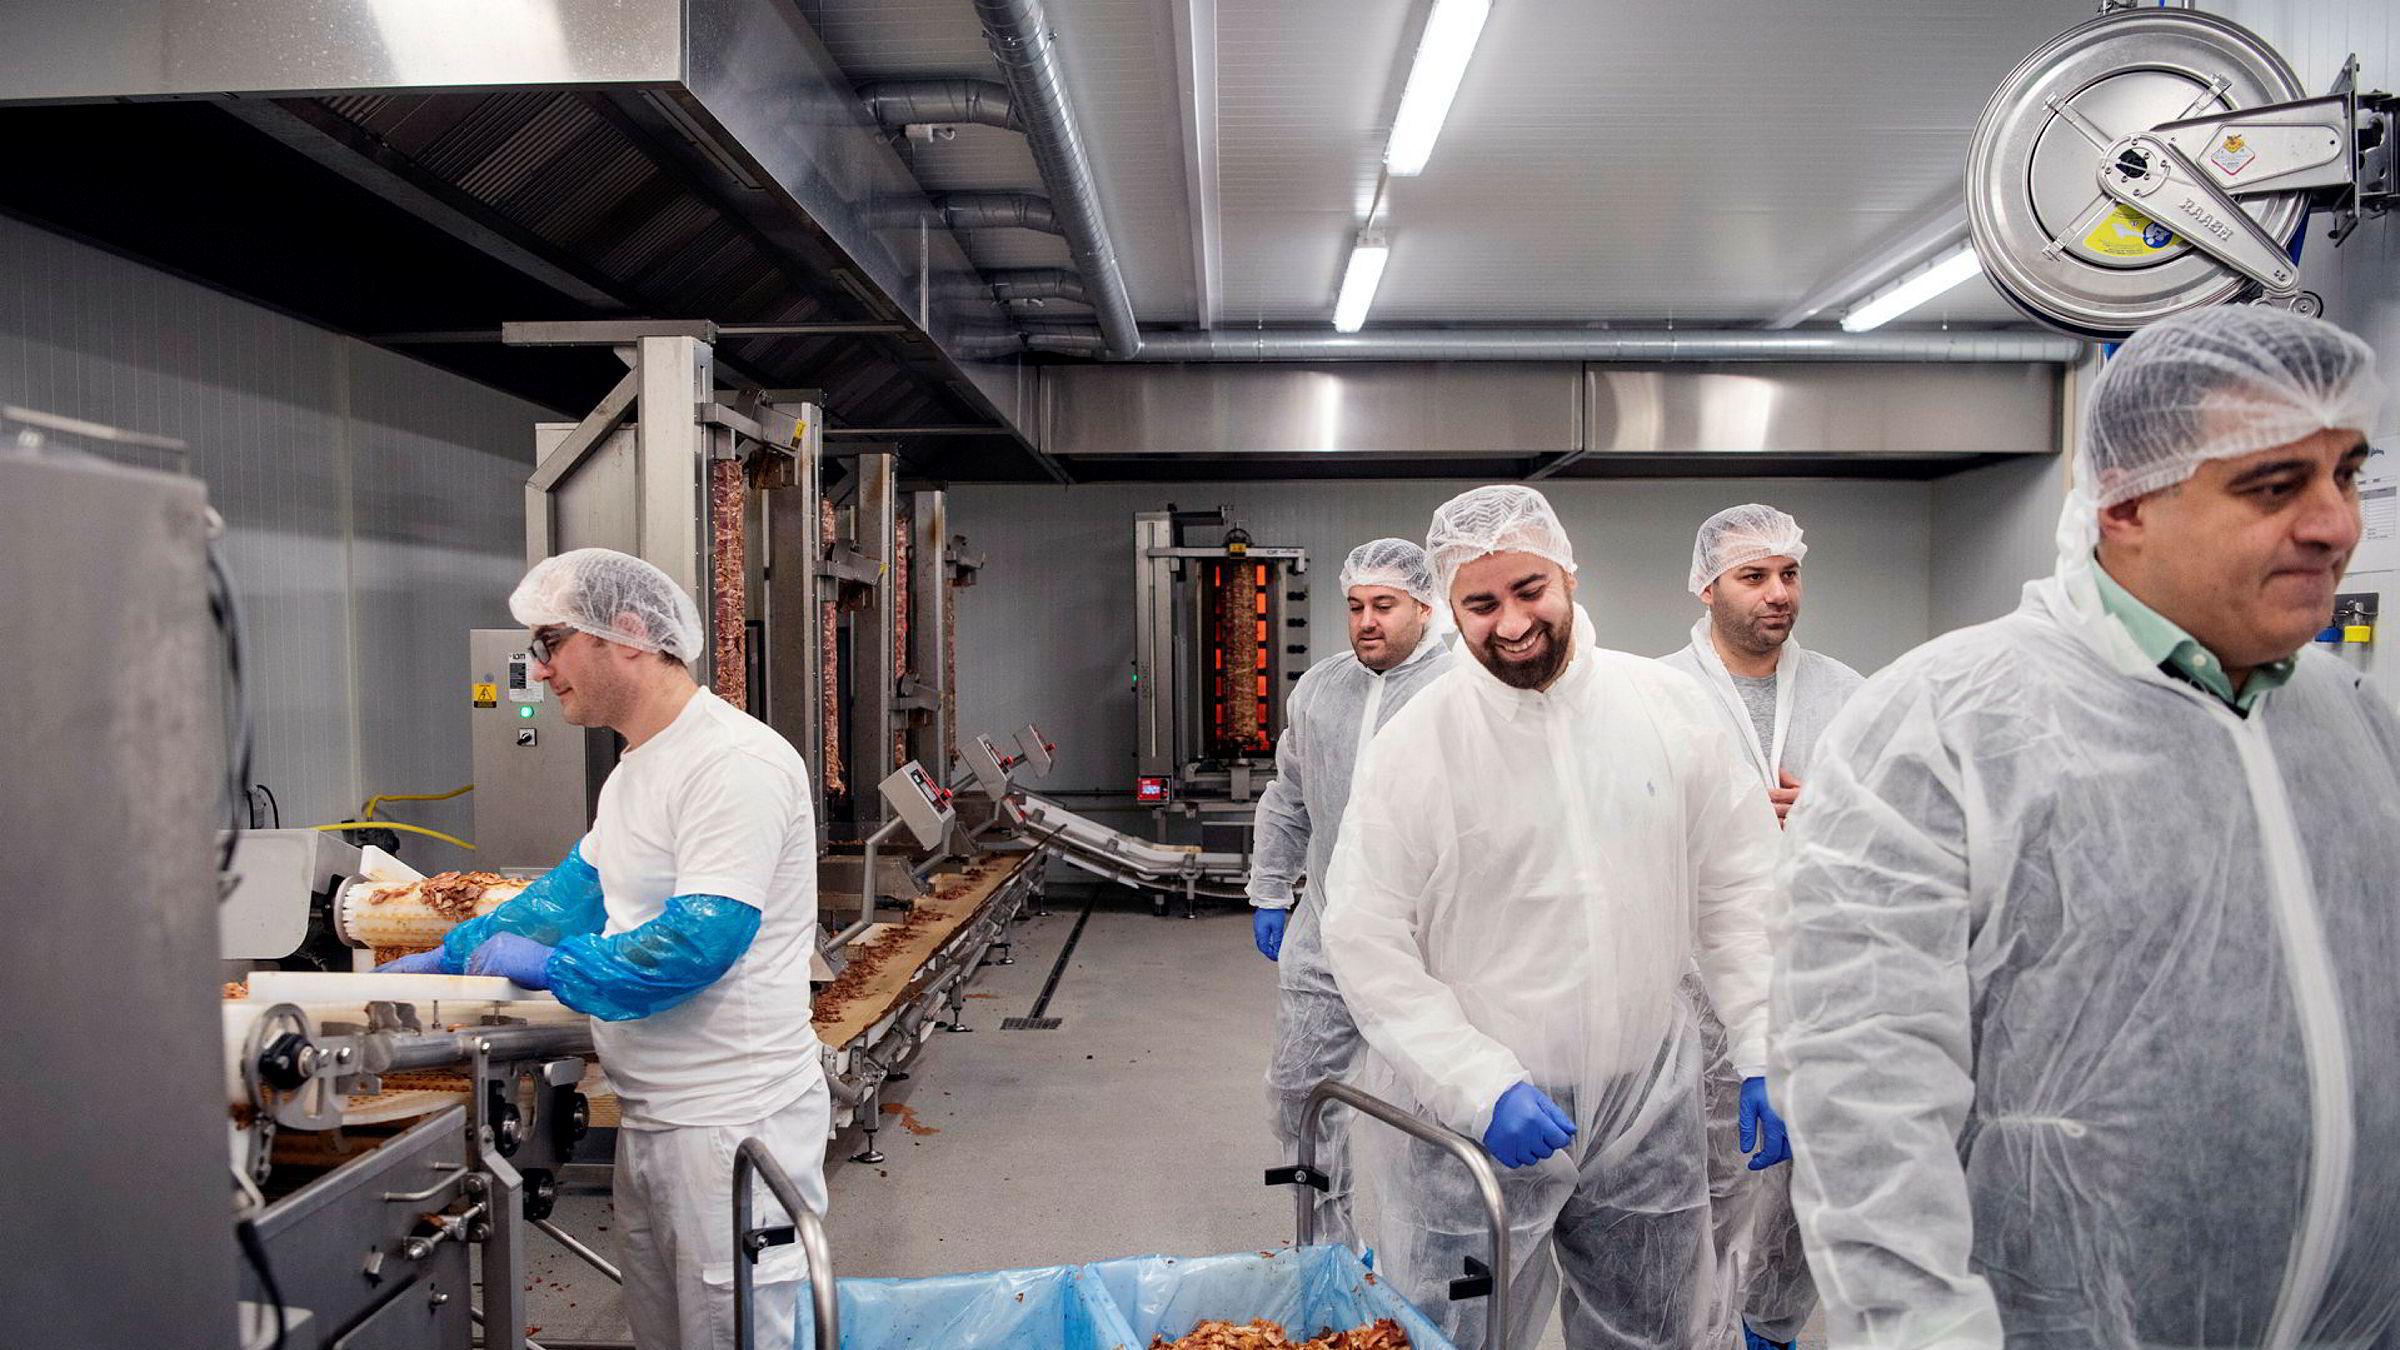 NK Meat på Ålgård har betydelig andel av det norske kebabmarkedet, og foredler blant annet svinenakke som selges til kebabrestauranter. Fra venstre: Gabriel Alupuli, Jacob Hanna, Akram Yonan, Renas Yonan og Michel Hanna.